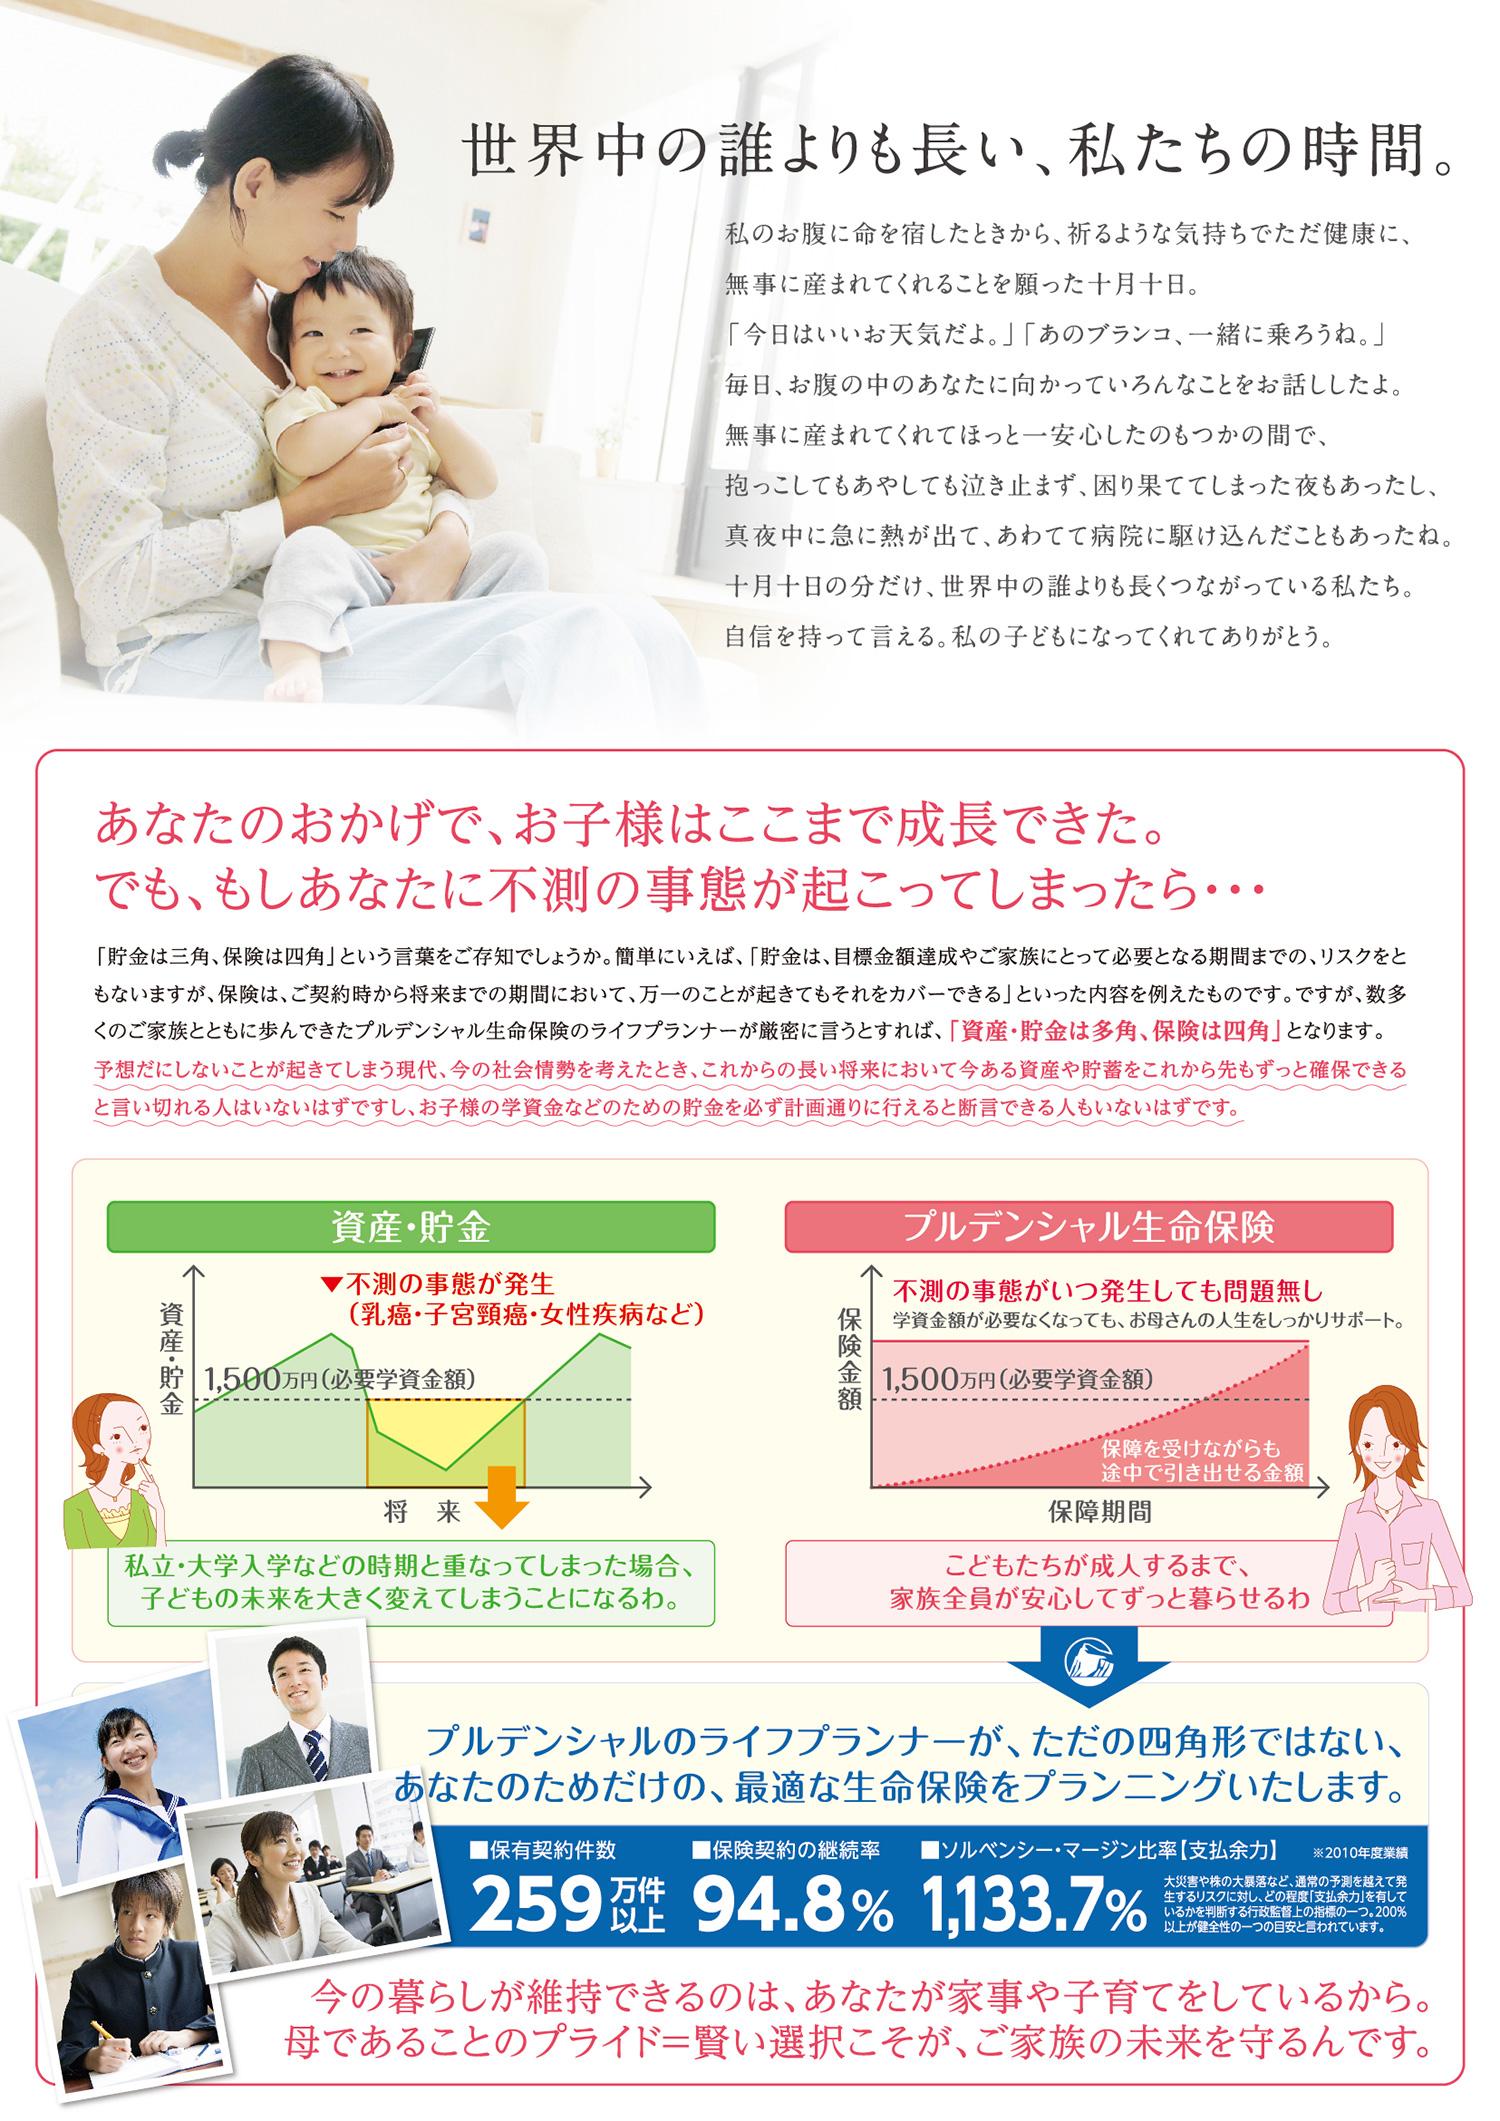 プルデンシャル生命保険株式会社 リーフレット 保険商品の説明